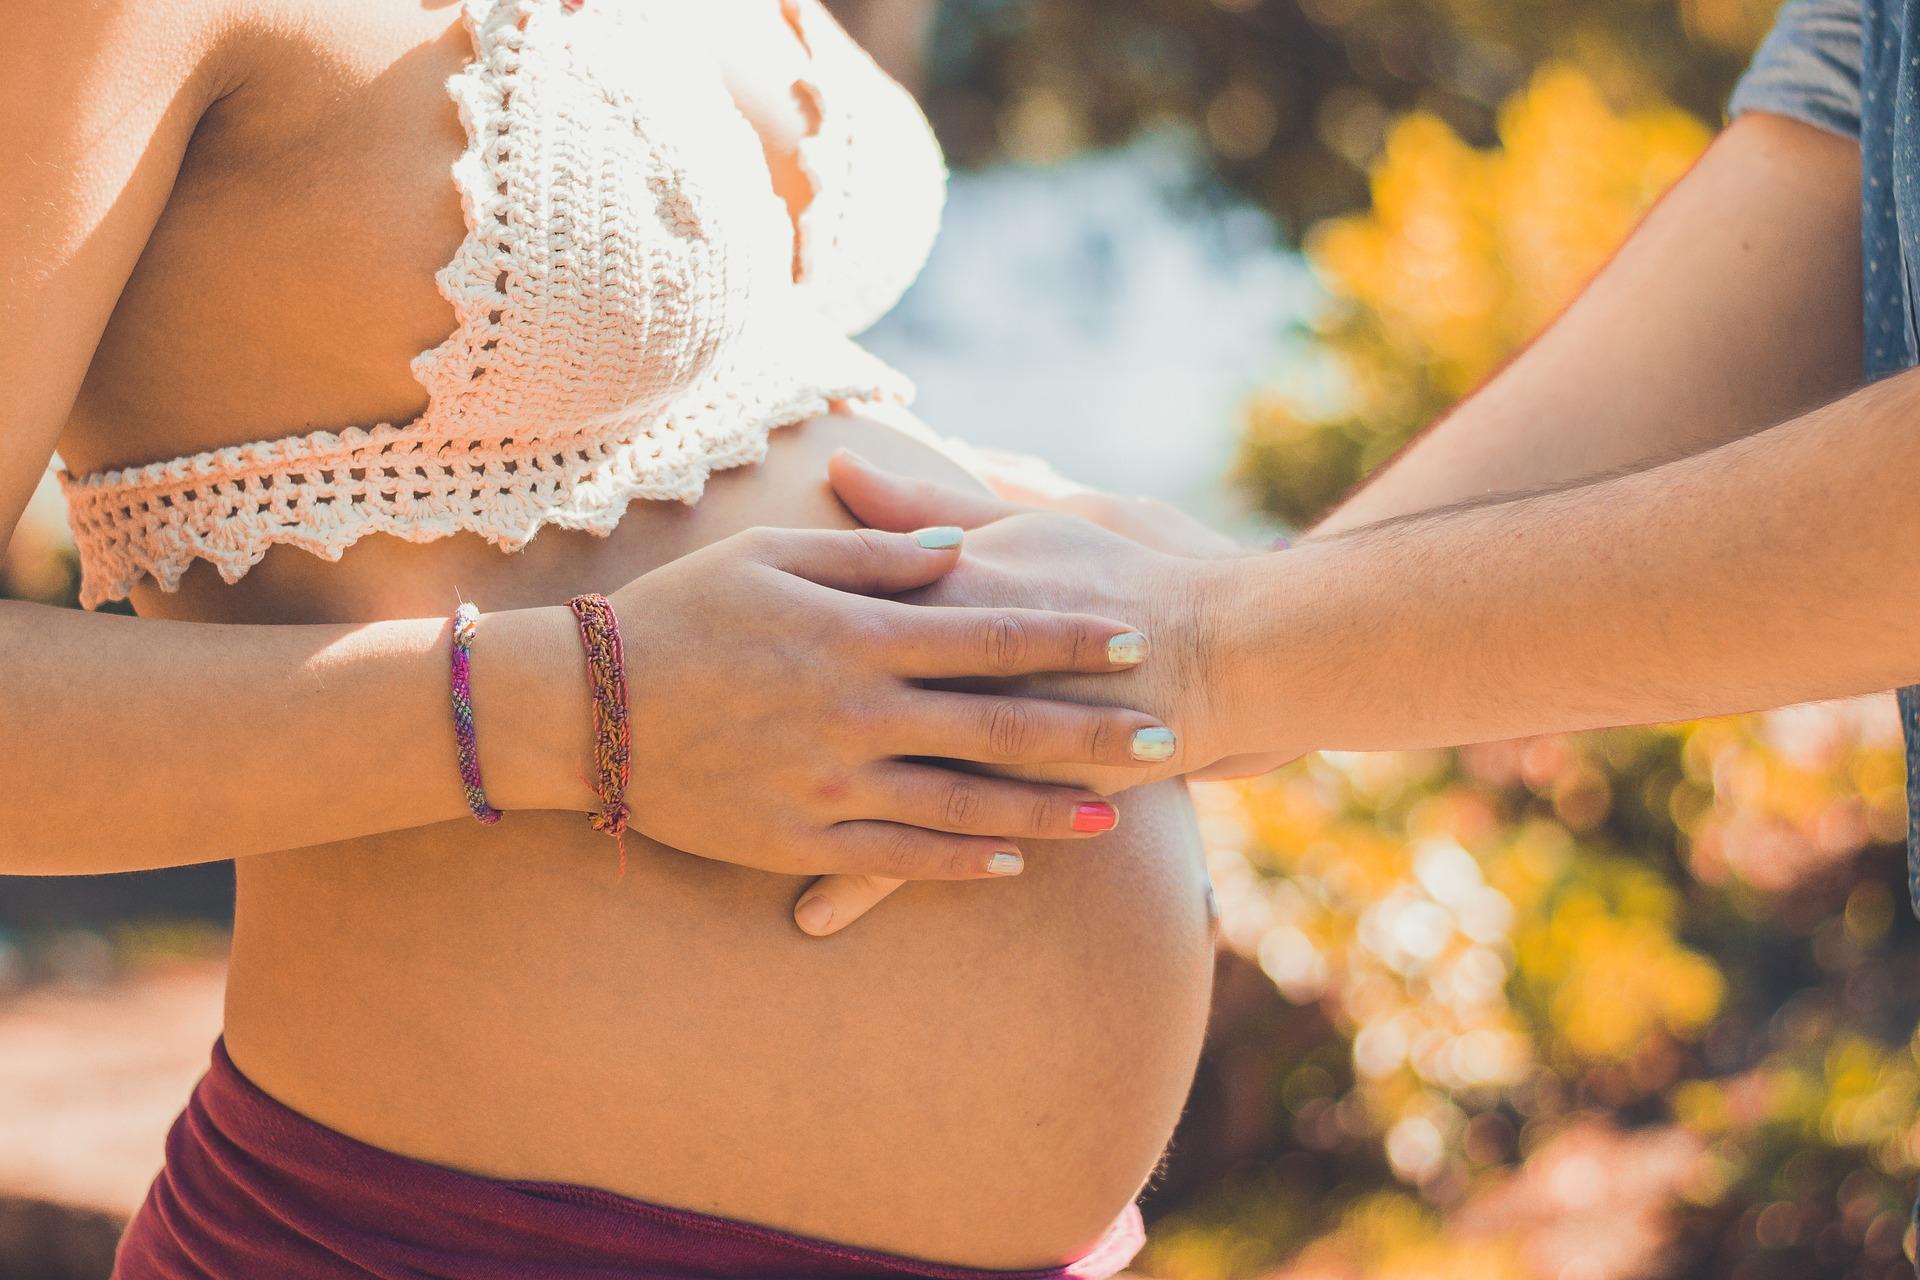 Ezért veszélyes a terhesség alatti vérszegénység | Csalábestcarwash.hu